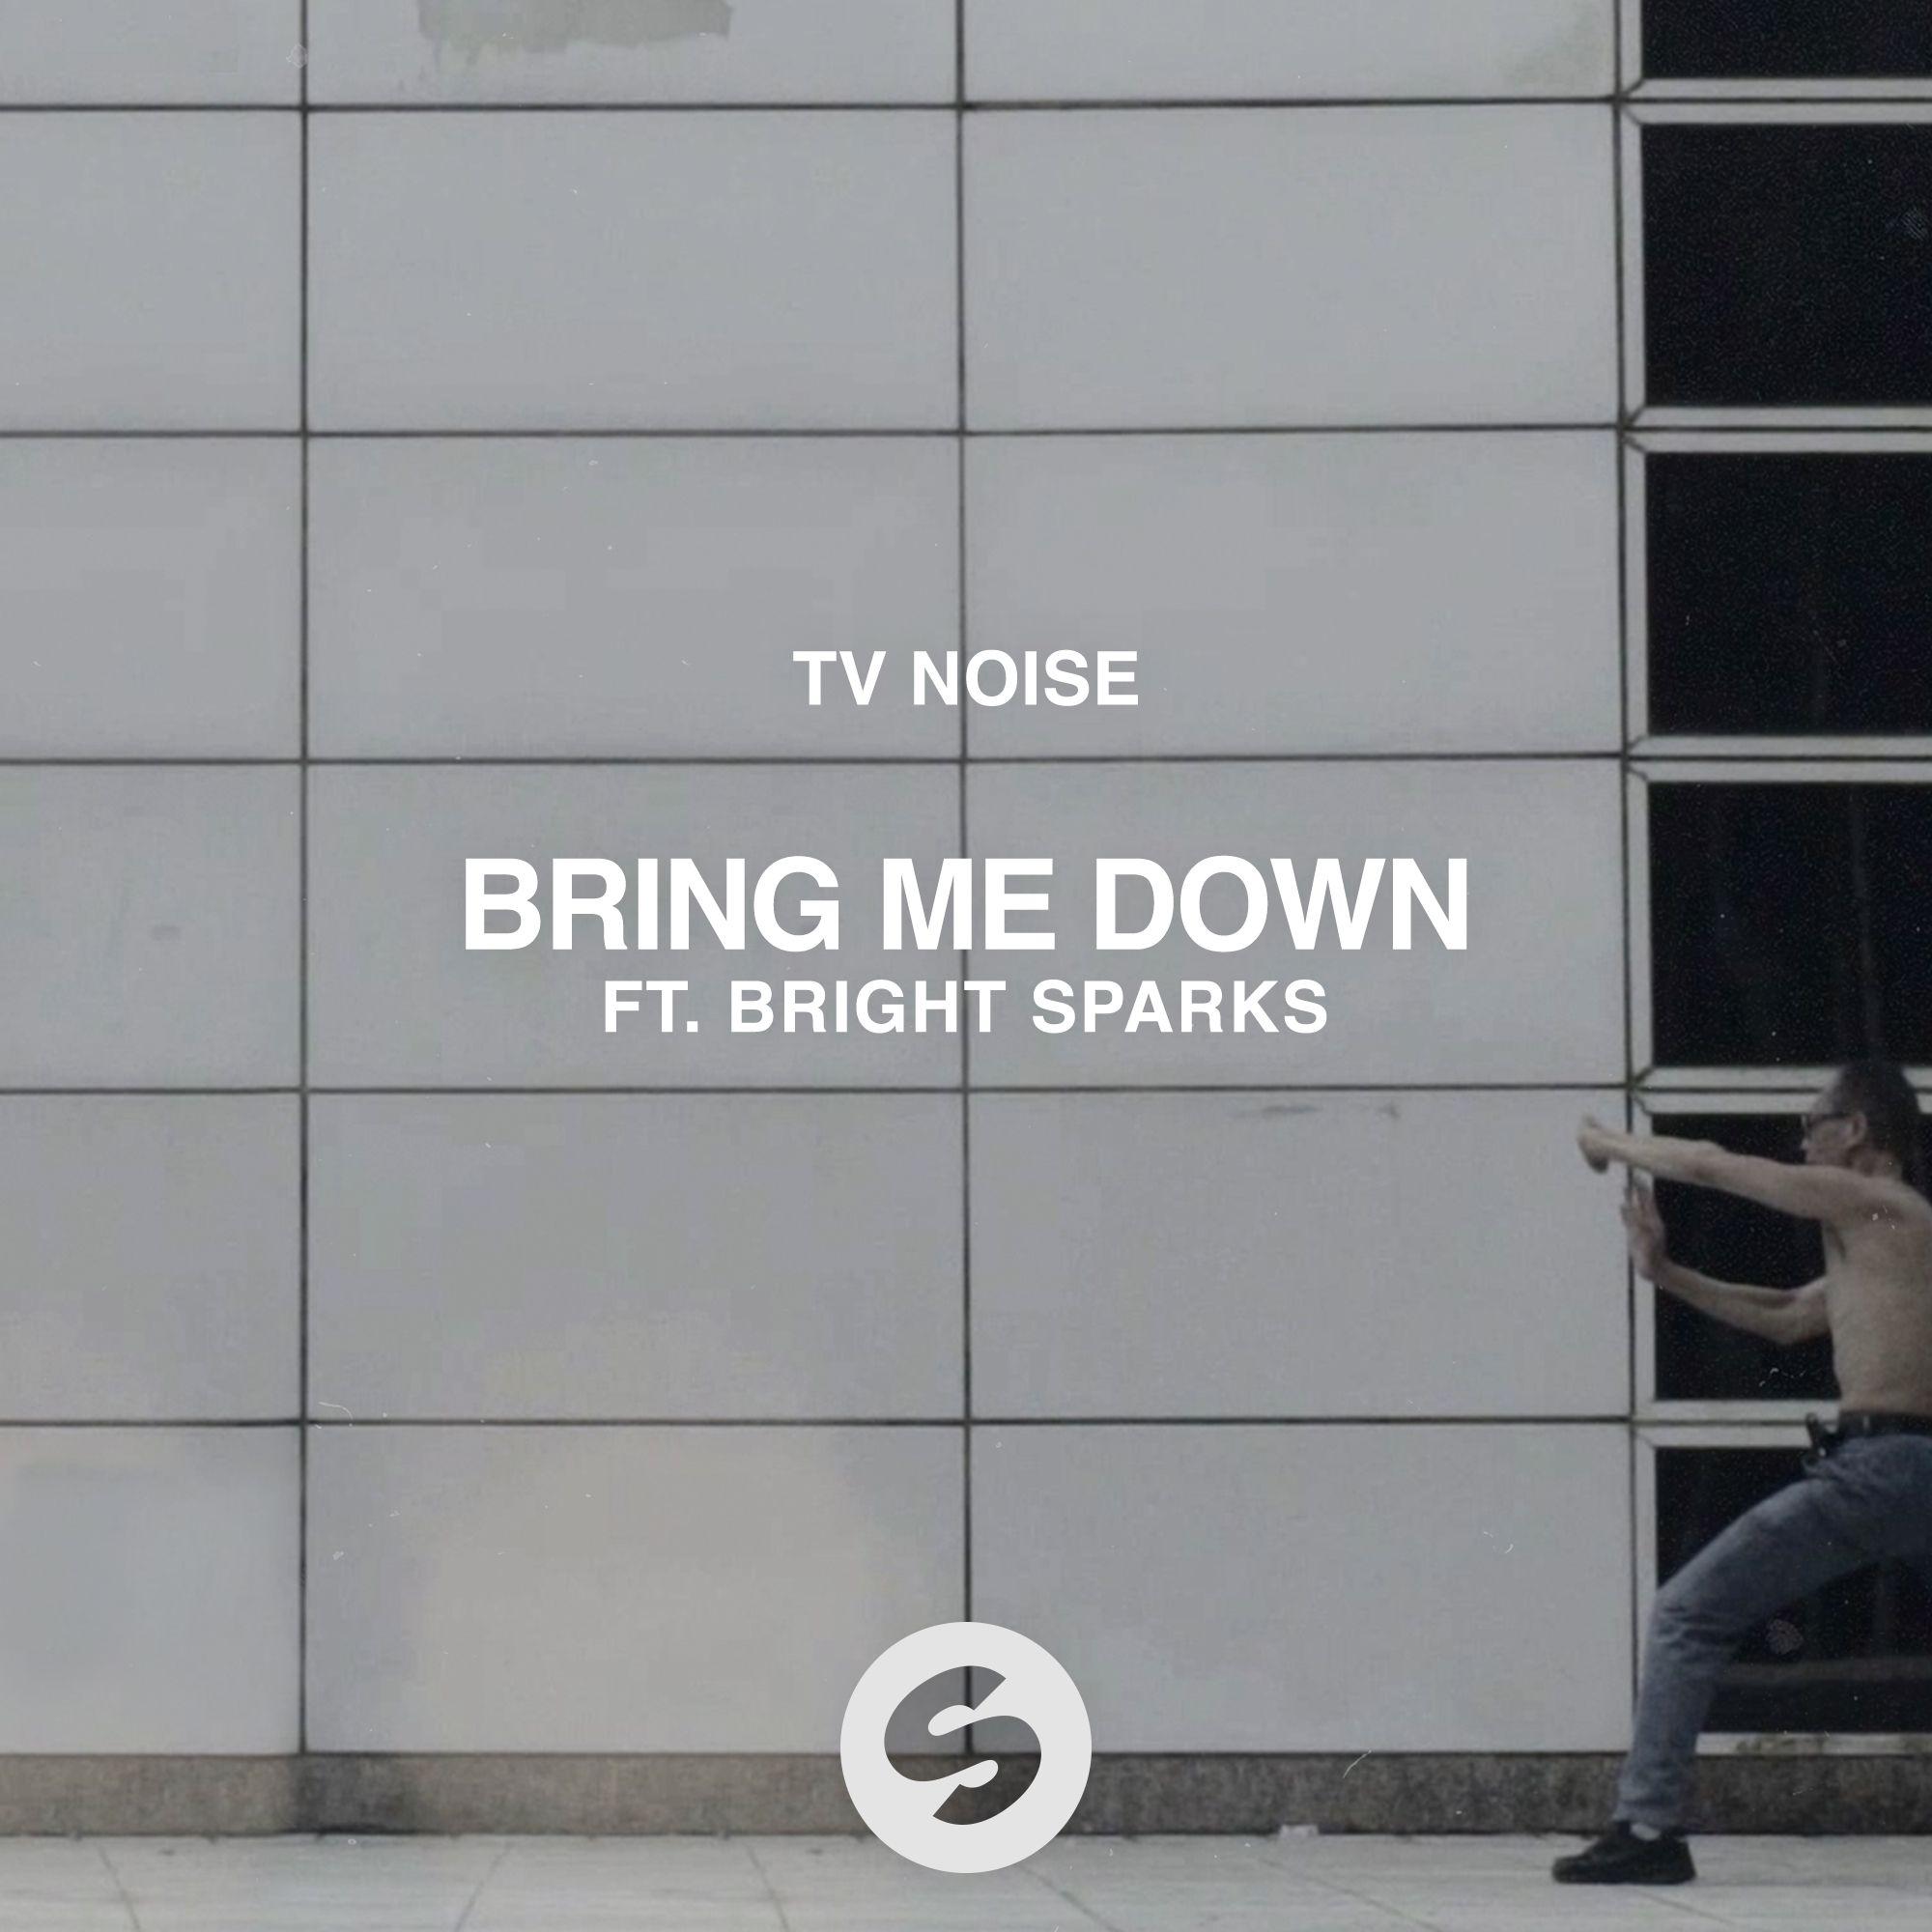 spinnin_tv_noise_-_bring_me_down_ft._bright_sparks.jpg